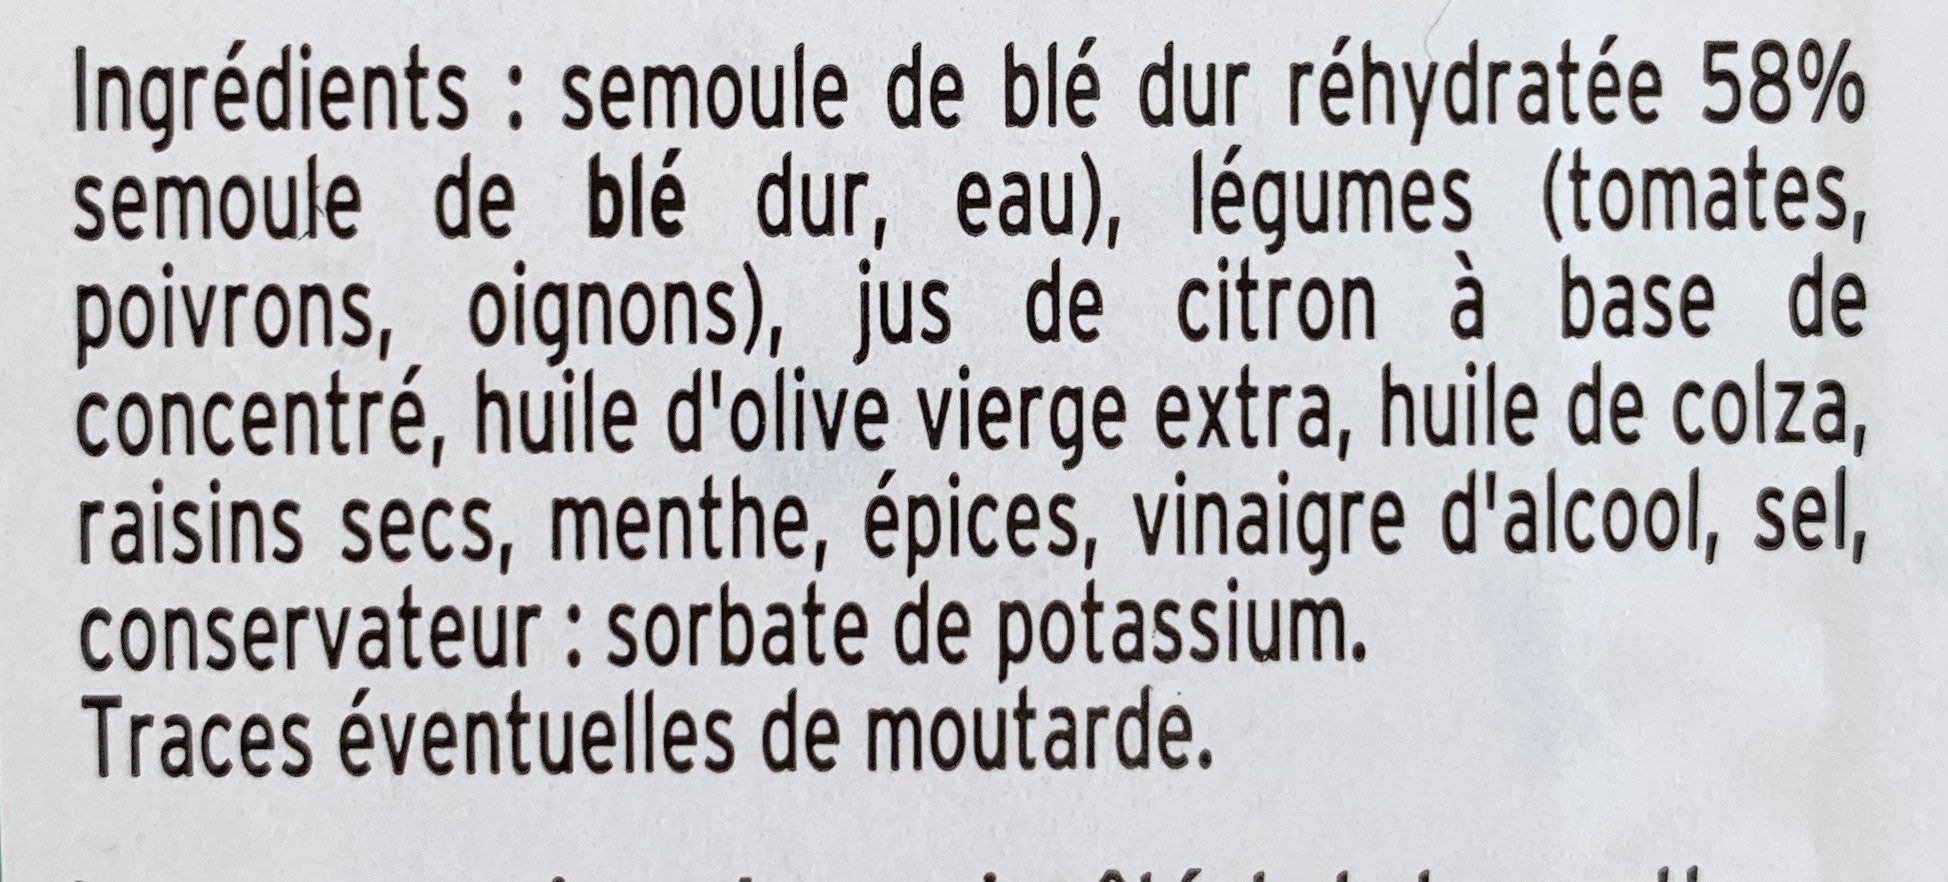 Taboulé oriental à l'huile d'olive - Ingrédients